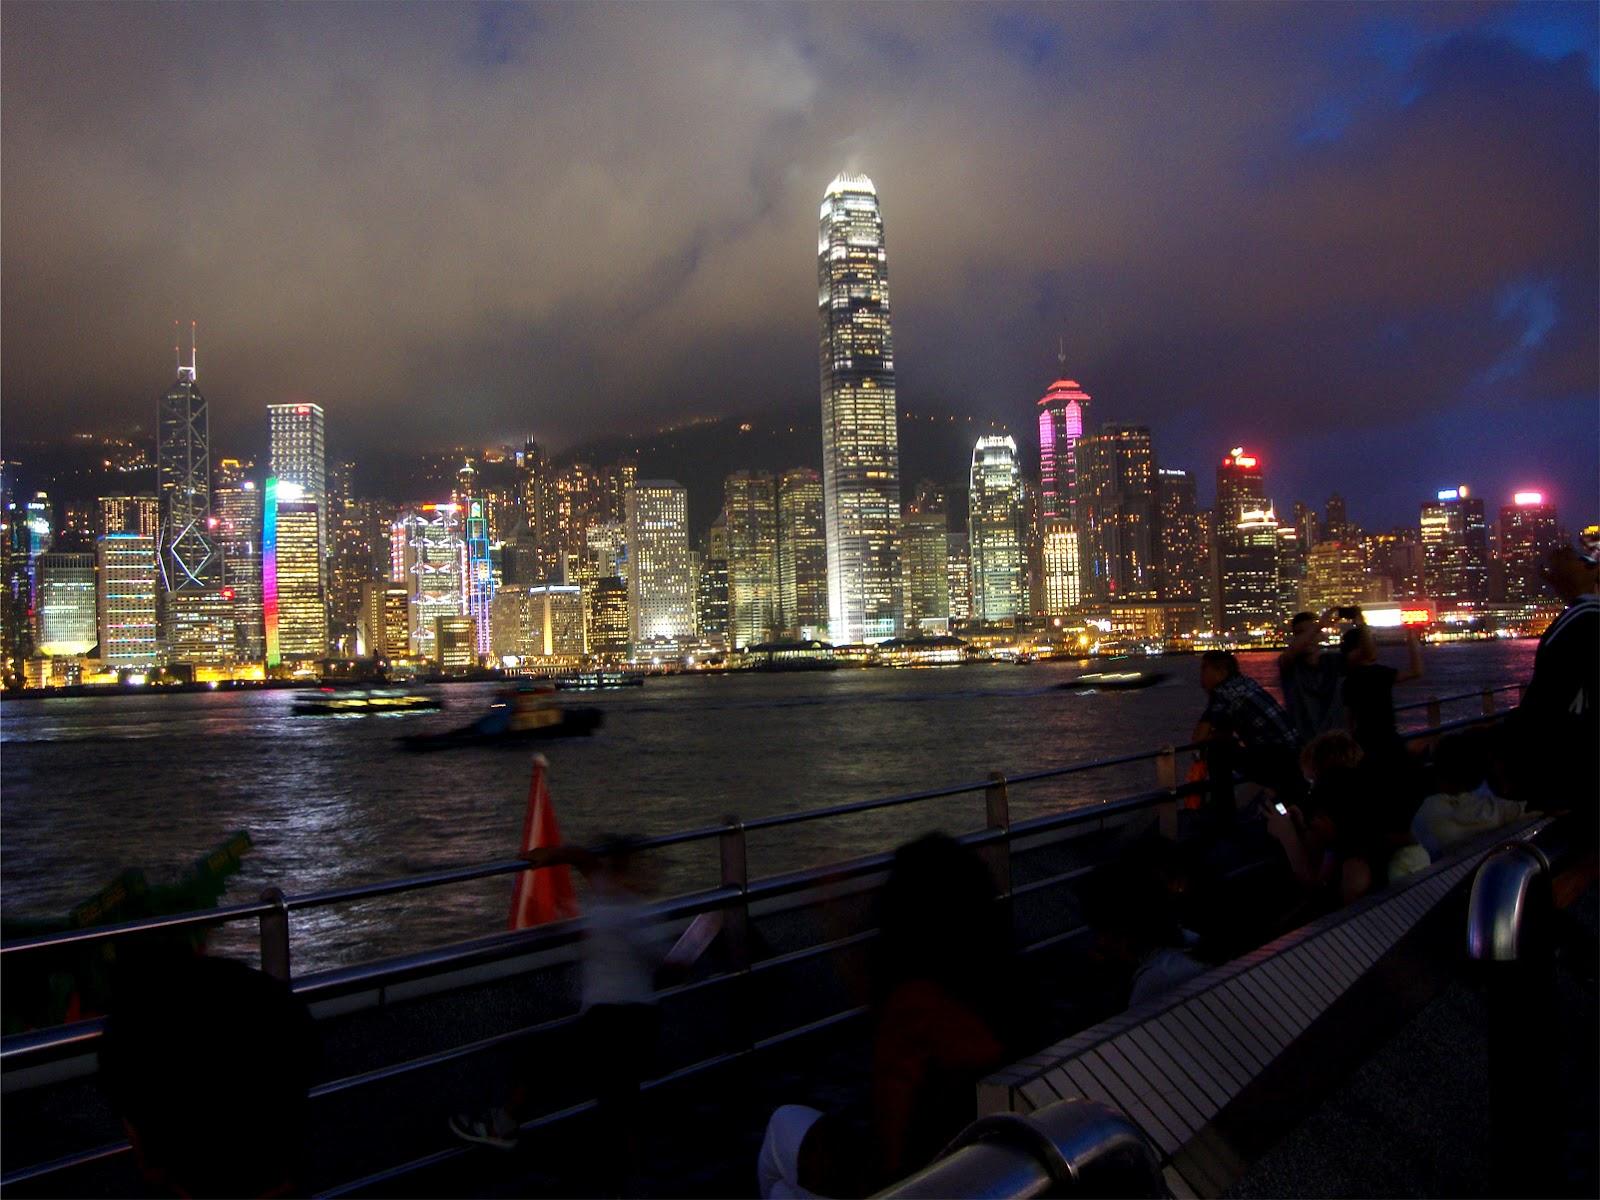 http://1.bp.blogspot.com/-JiRQTe3gmvI/T3DX_HiJCUI/AAAAAAAACAM/9Qp5B1KfuxE/s1600/hongkong25.jpg